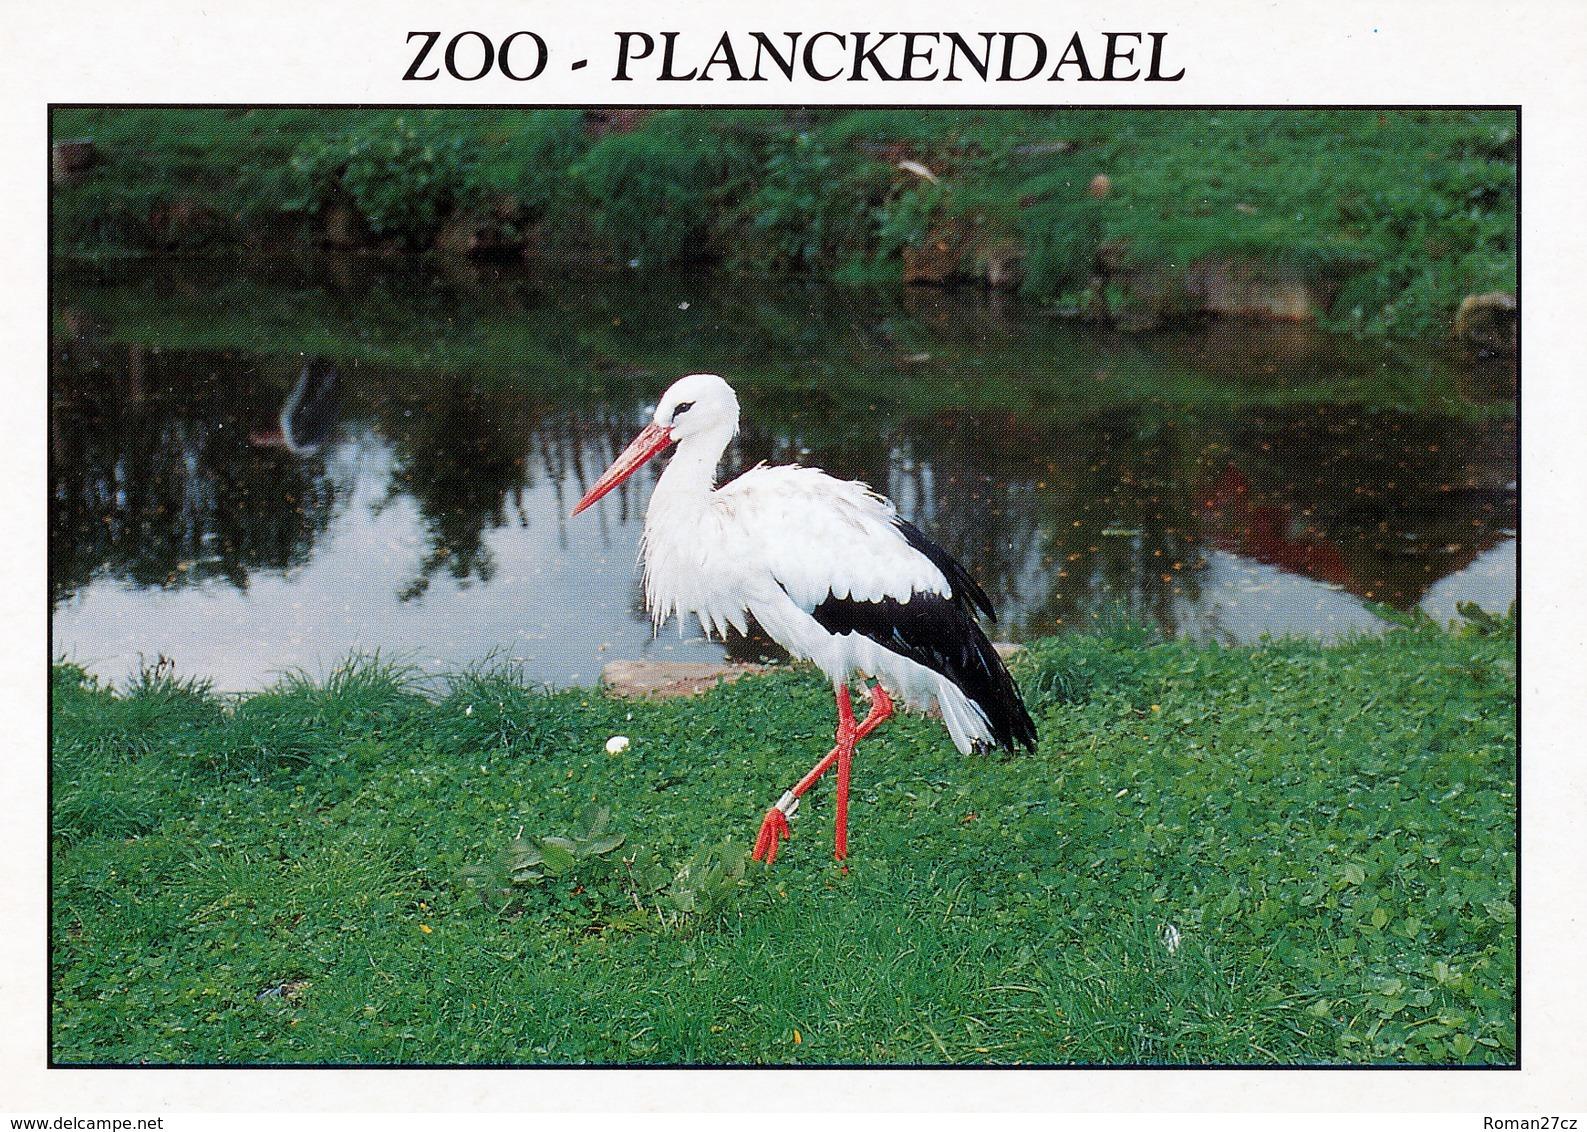 Dierenpark Planckendael, Belgium - Stork - Malines